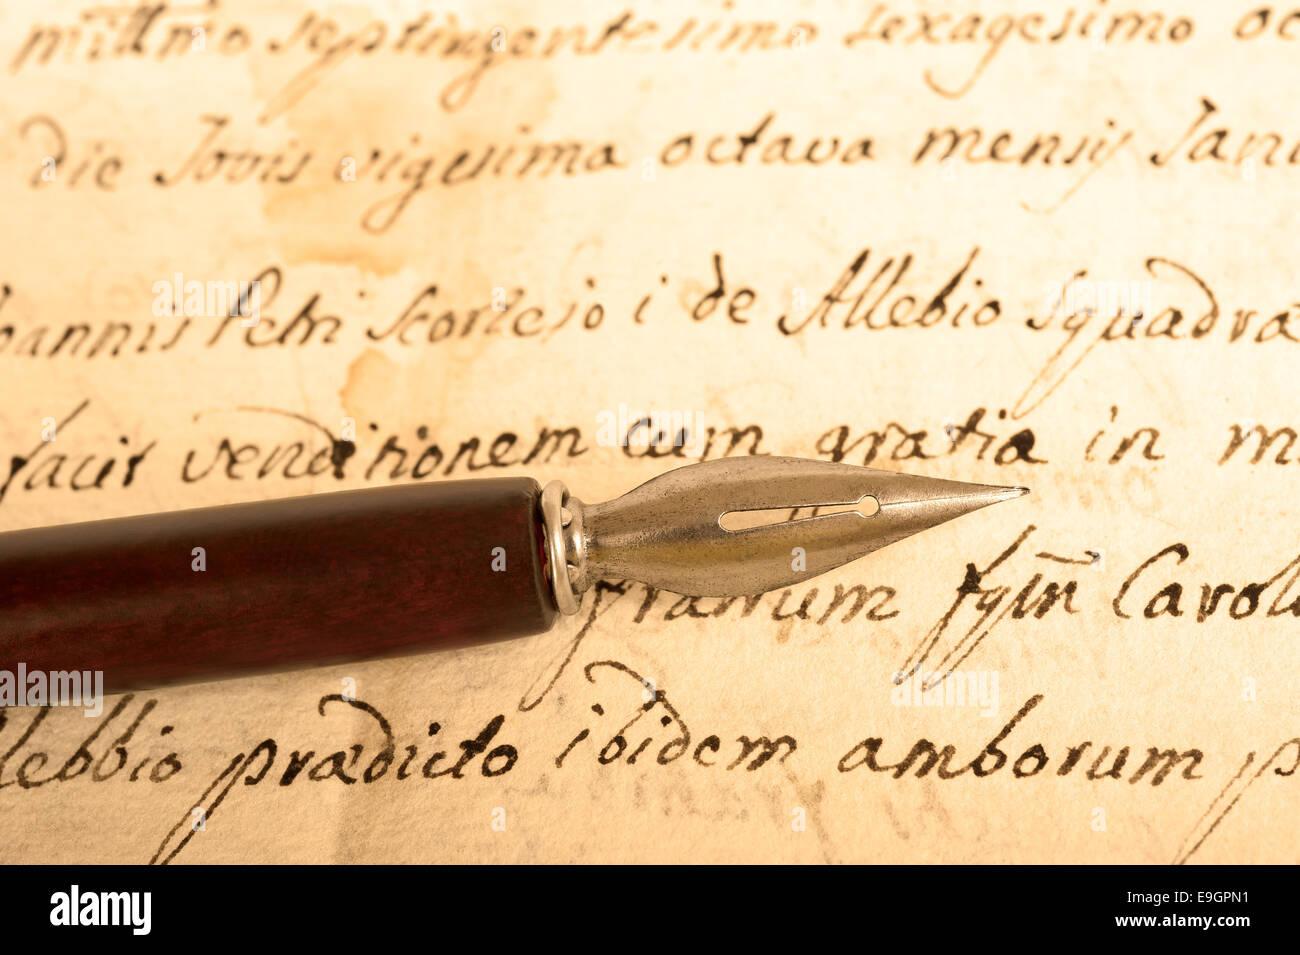 Vecchio inchiostro penna dip sulla vecchia grafia Immagini Stock